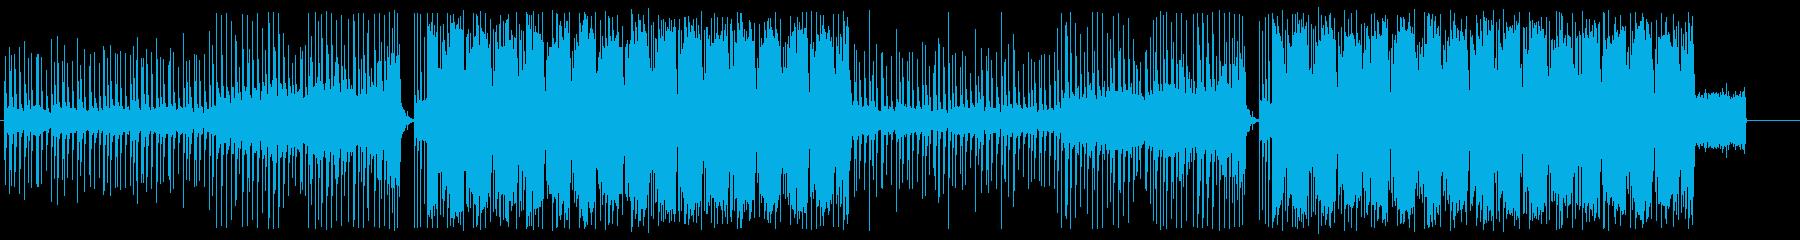 洋楽 Future Pop ED 切ないの再生済みの波形